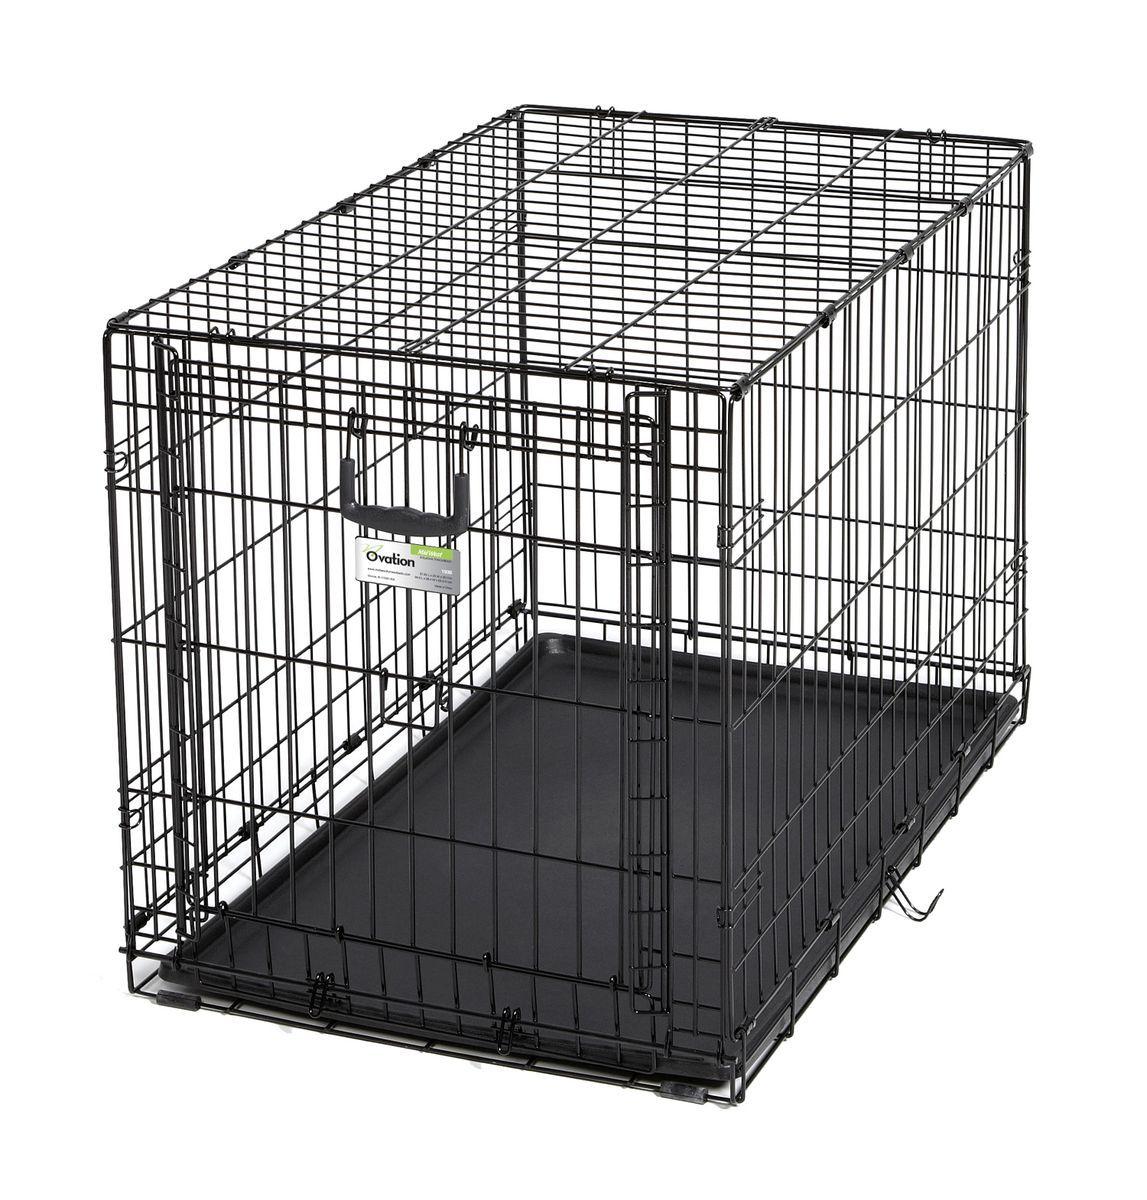 Клетка Midwest Ovation, 1 дверь рельсовая, 94,6 x 58,4 x 63,5 см548DRКлетка Midwest Ovation разработана специально для транспортировки средних и крупных собак. Закругленная угловая защита обеспечивает безопасность питомцам и людям. Клетка из нержавеющей стали оснащена: - одной рельсовой дверкой (открывается вверх); - безопасным двойным замком (задвижка закрывает и снаружи и внутри); - прочным пластиковым поддоном, который не повреждает поверхность, на которой размещается; - разделяющей панелью, обеспечивающей создание универсальных отсеков; - качественными ручками для переноски питомца.Размер клетки (ДхШхВ): 94,6 x 58,4 x 63,5 см. Вес конструкции: 10,8 кг.Товар сертифицирован.